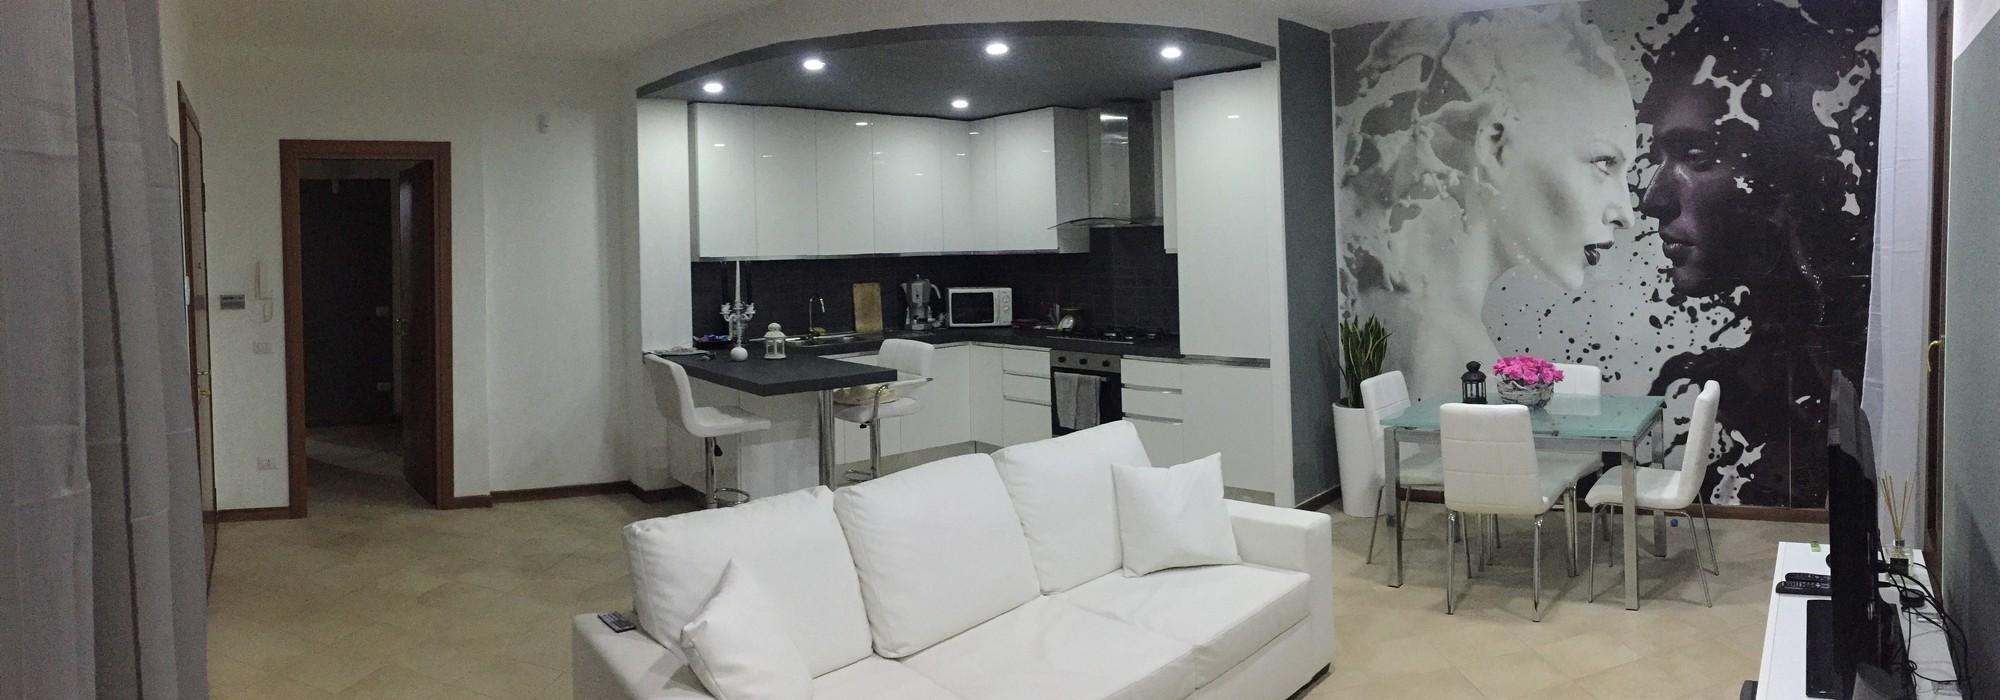 Stradella (PV) Appartamento trilocale con giardino box e posto auto Rif. 137